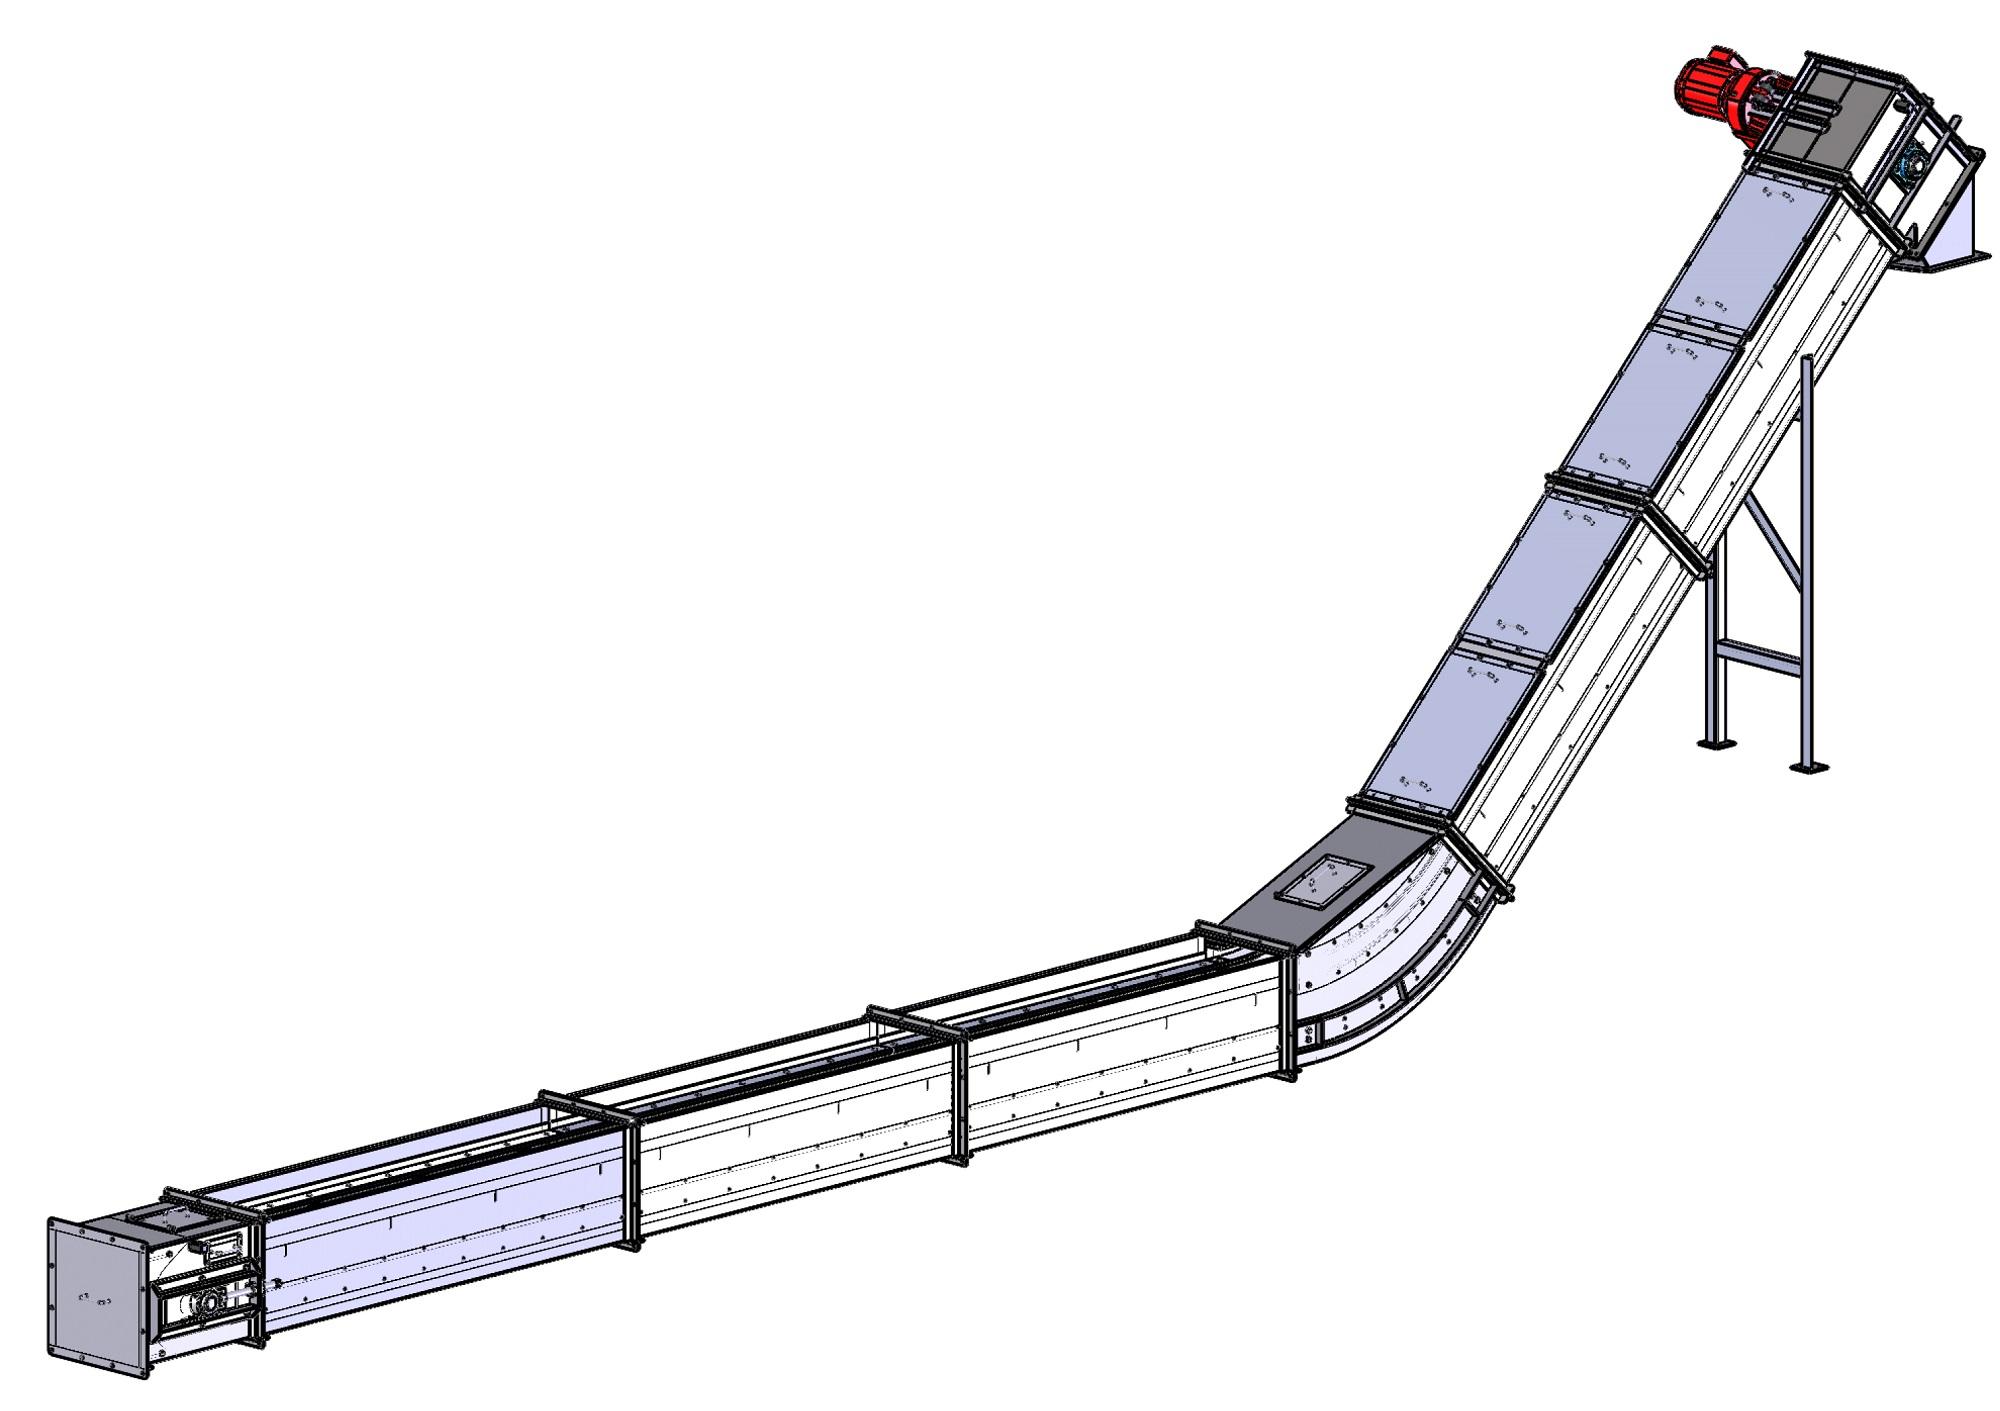 Основные узлы скребкового конвейера вакансии тиссенкрупп элеватор москва